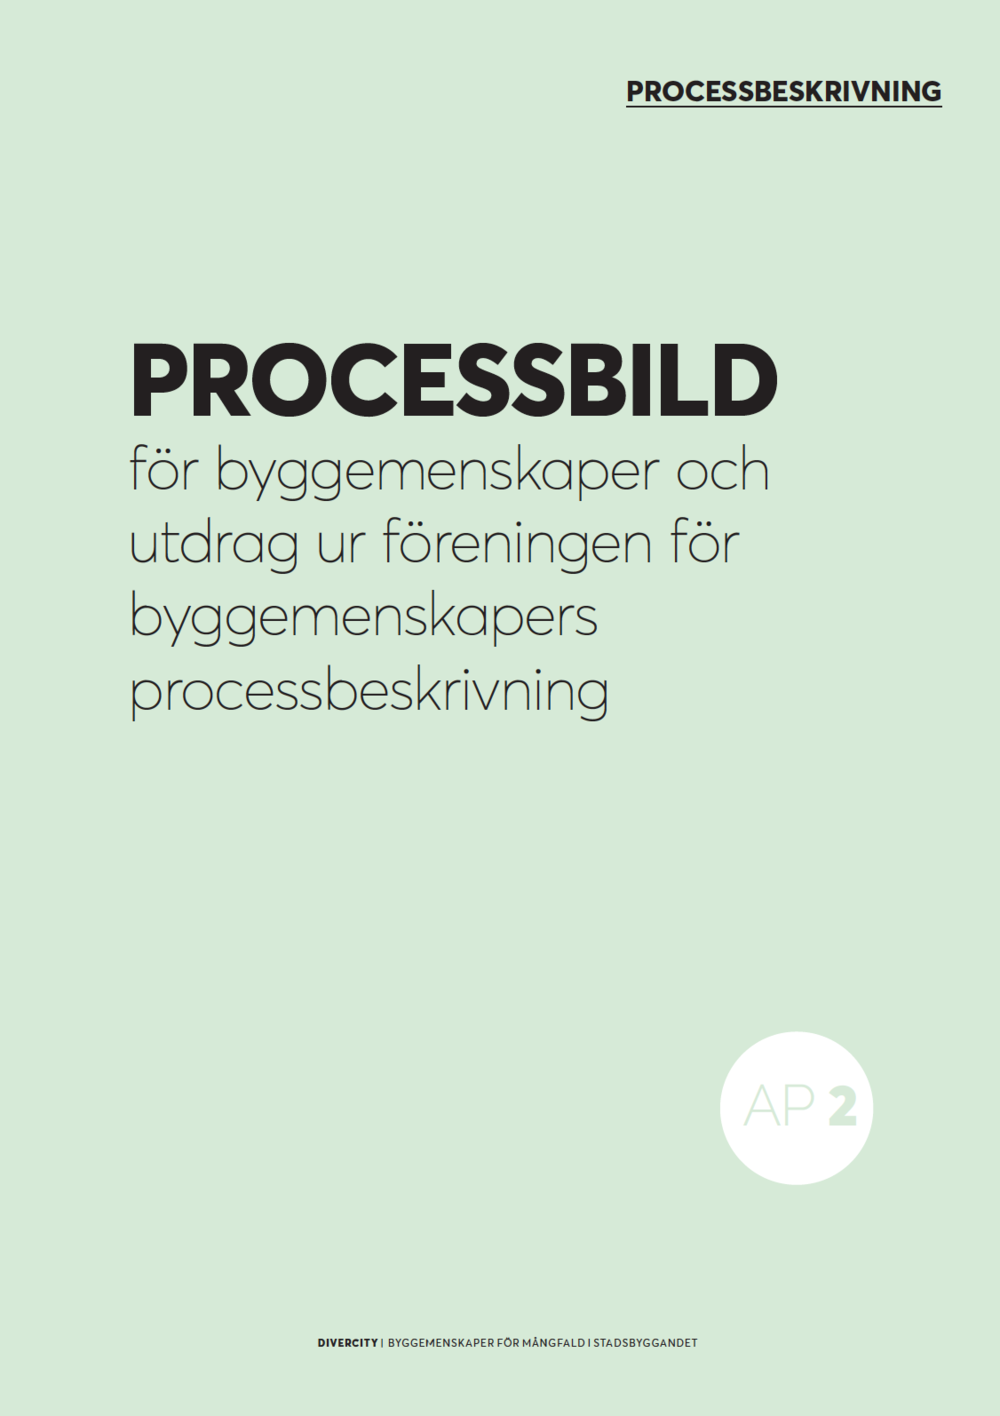 Vinnova UDI Steg 1.  Processbild för byggemenskaper 2017